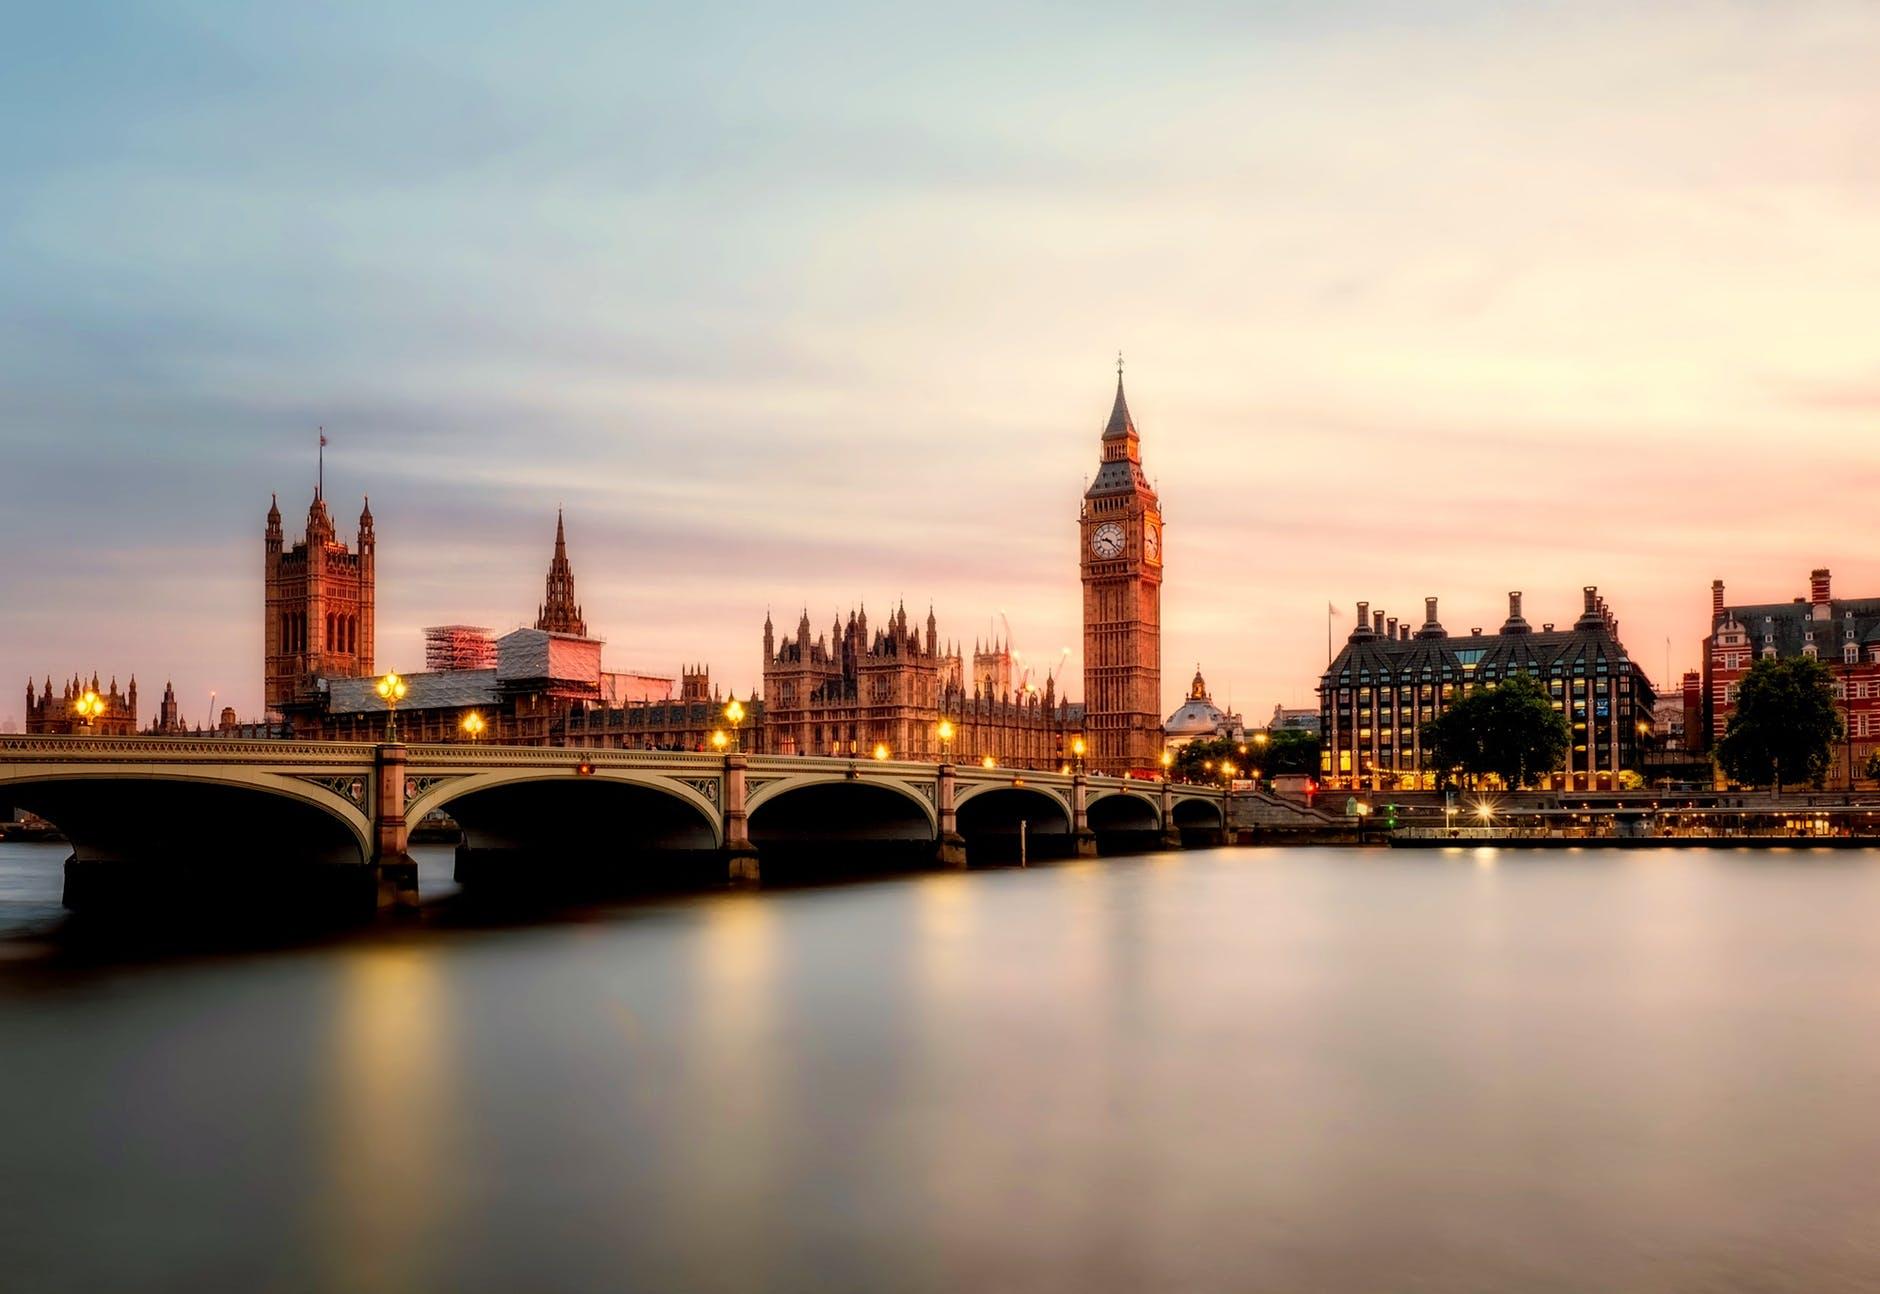 【财经数据交易】英国即将公布6月CPI月率数据,英镑兑美元迎来交易机会-图表家